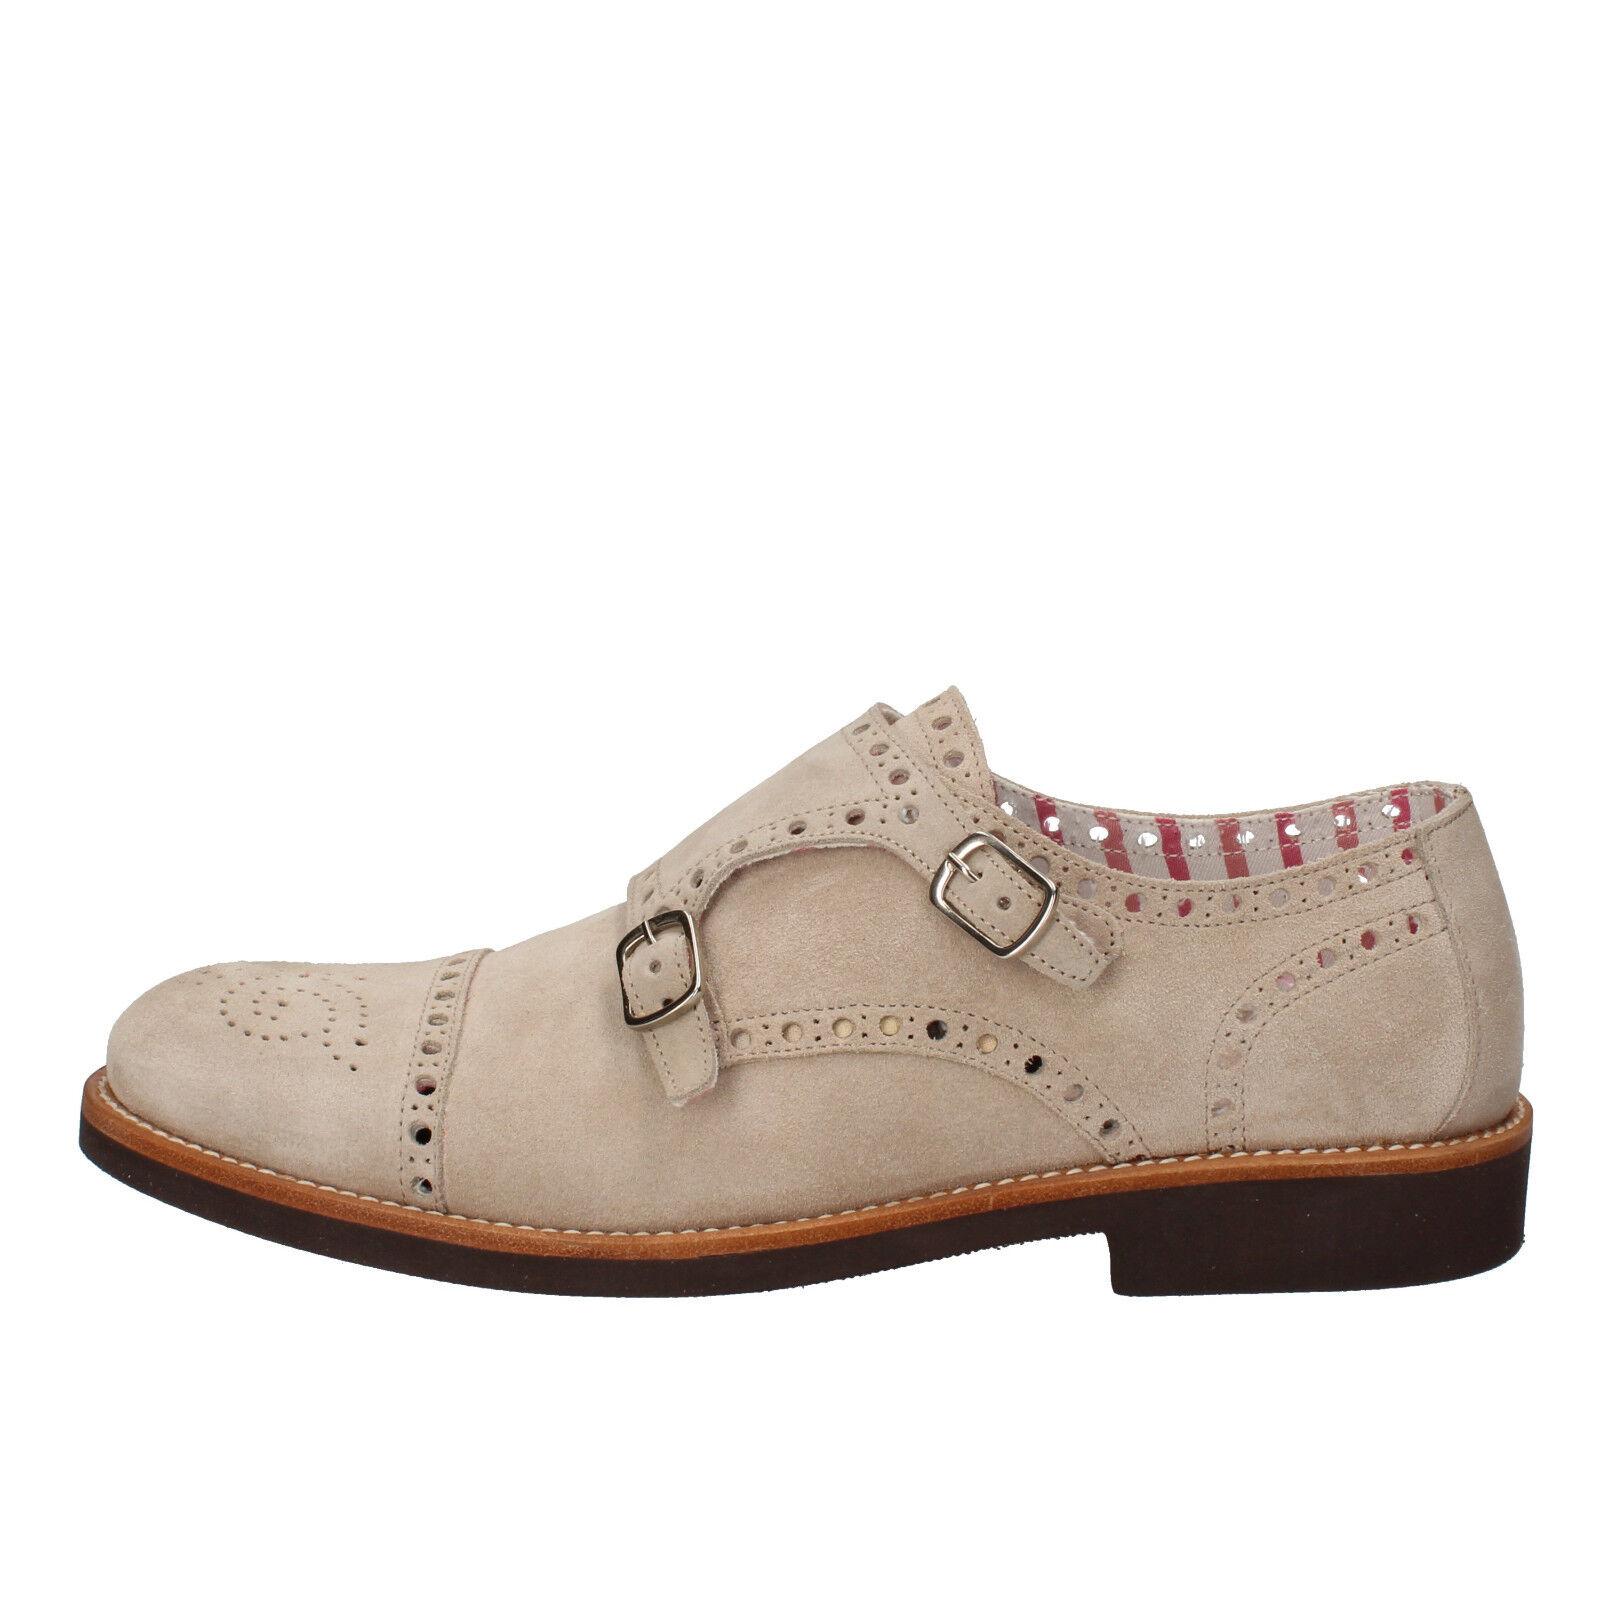 Mens shoes DI MELLA 6,5 (EU 40,5) elegant   oxford-shoes beige suede AD270-C